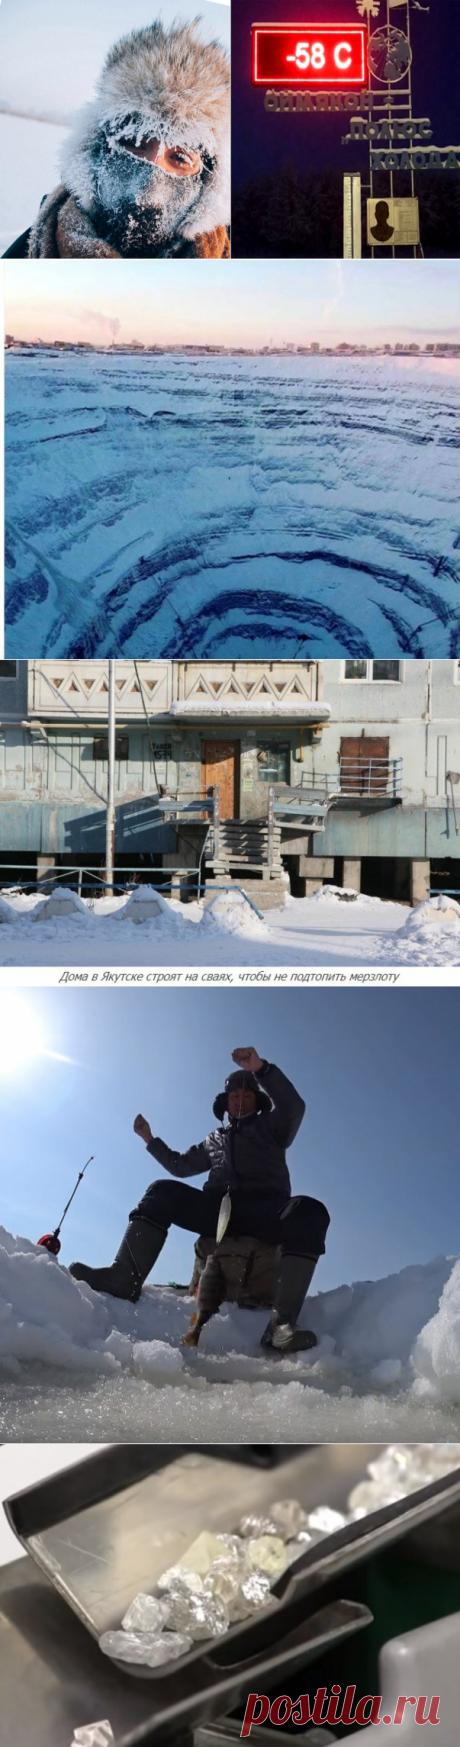 Якутия. Блеск и нищета самого богатого региона России | путешествуем онлайн | Яндекс Дзен